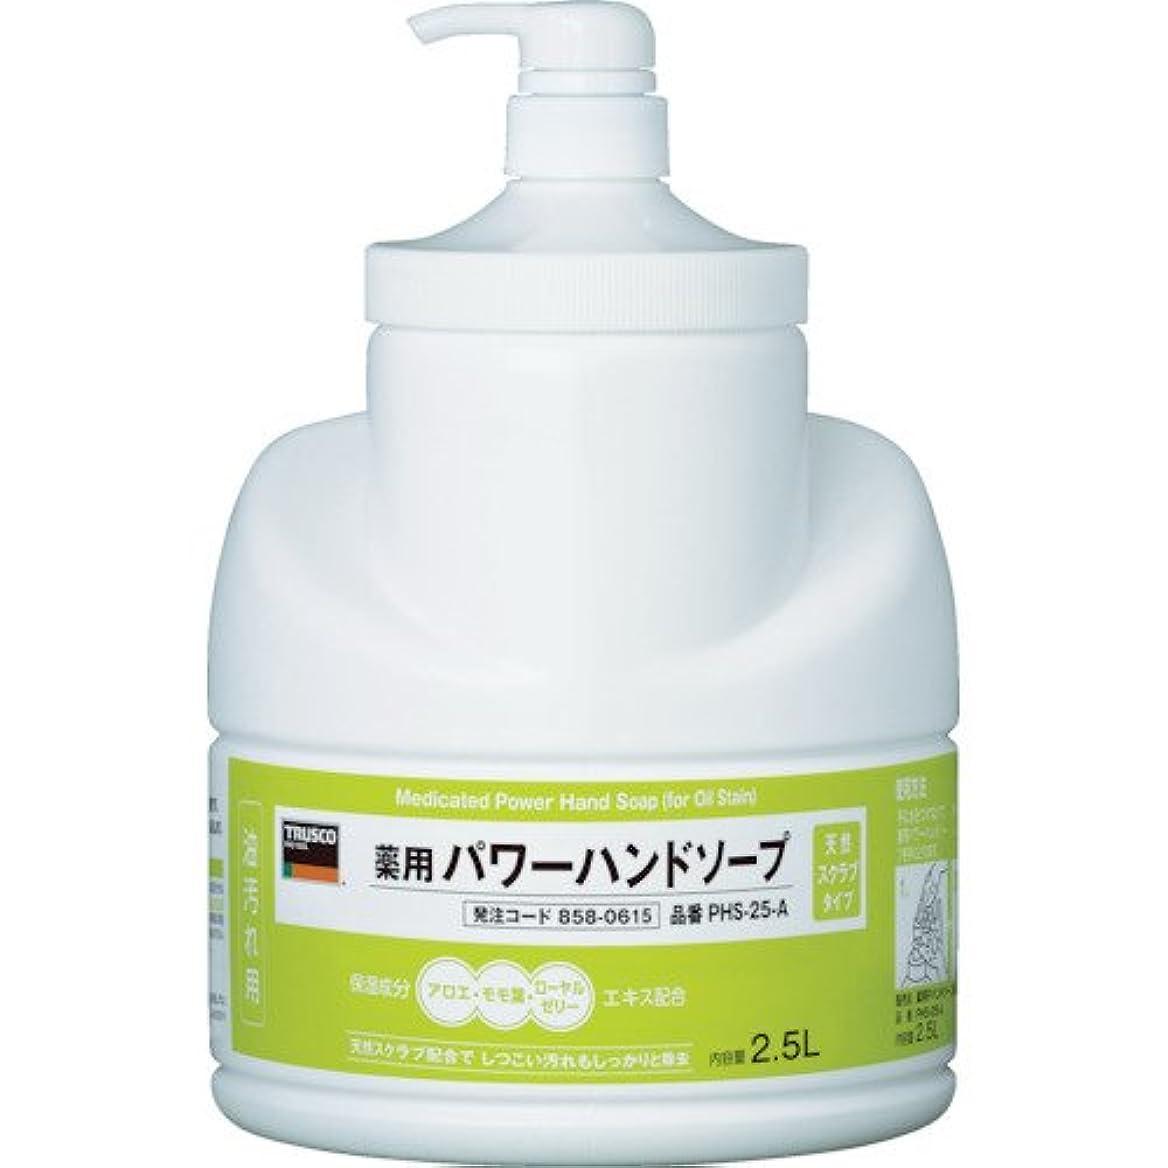 子音ぶどうミスペンドトラスコ中山 株 TRUSCO 薬用パワーハンドソープポンプボトル 2.5L PHS-25-A